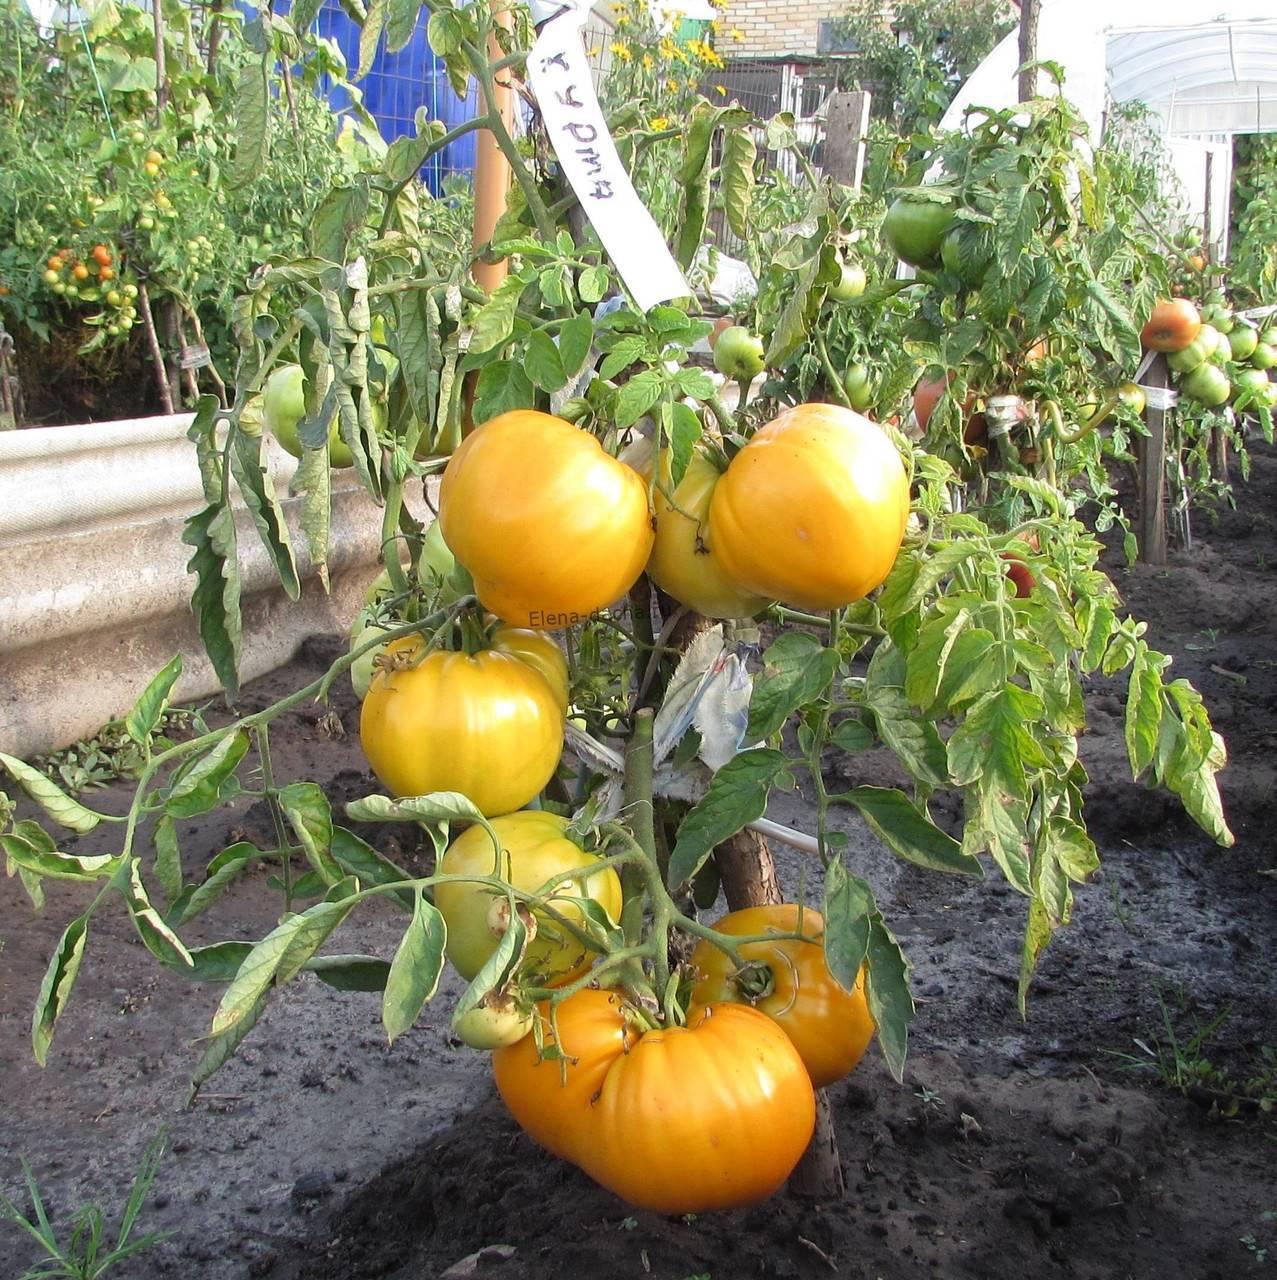 Помидорное дерево ставшее отличным подспорьем многим фермерам — томат спрут f1: описание сорта